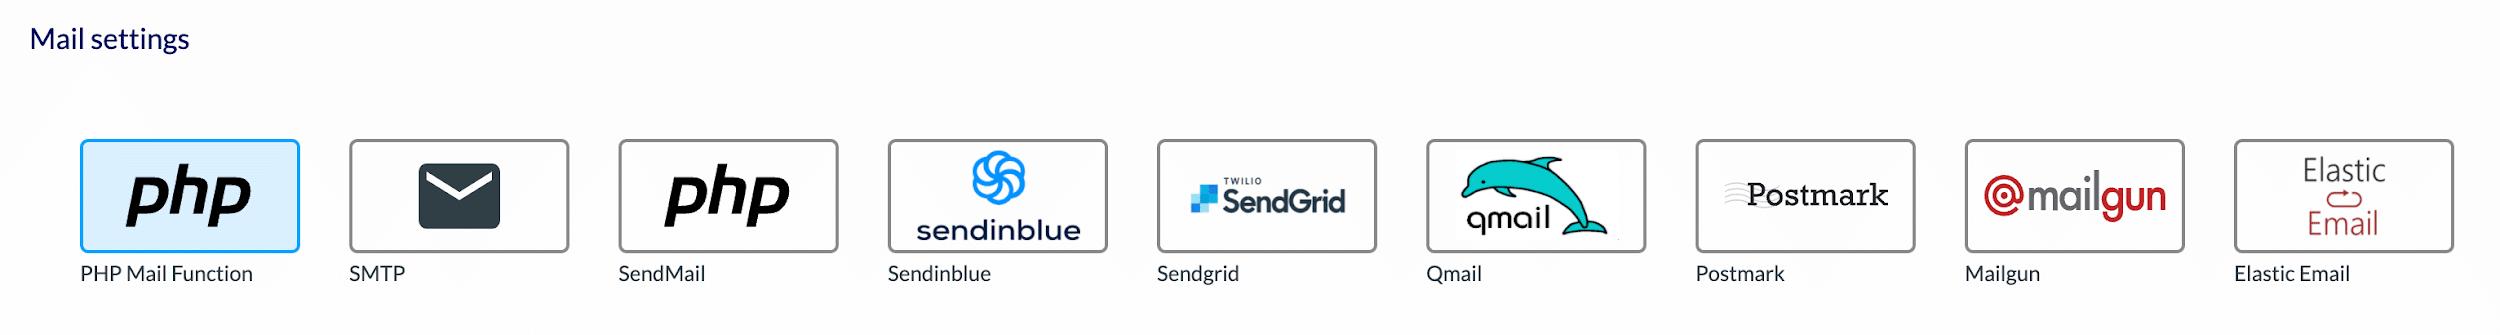 Integration External Sending Services